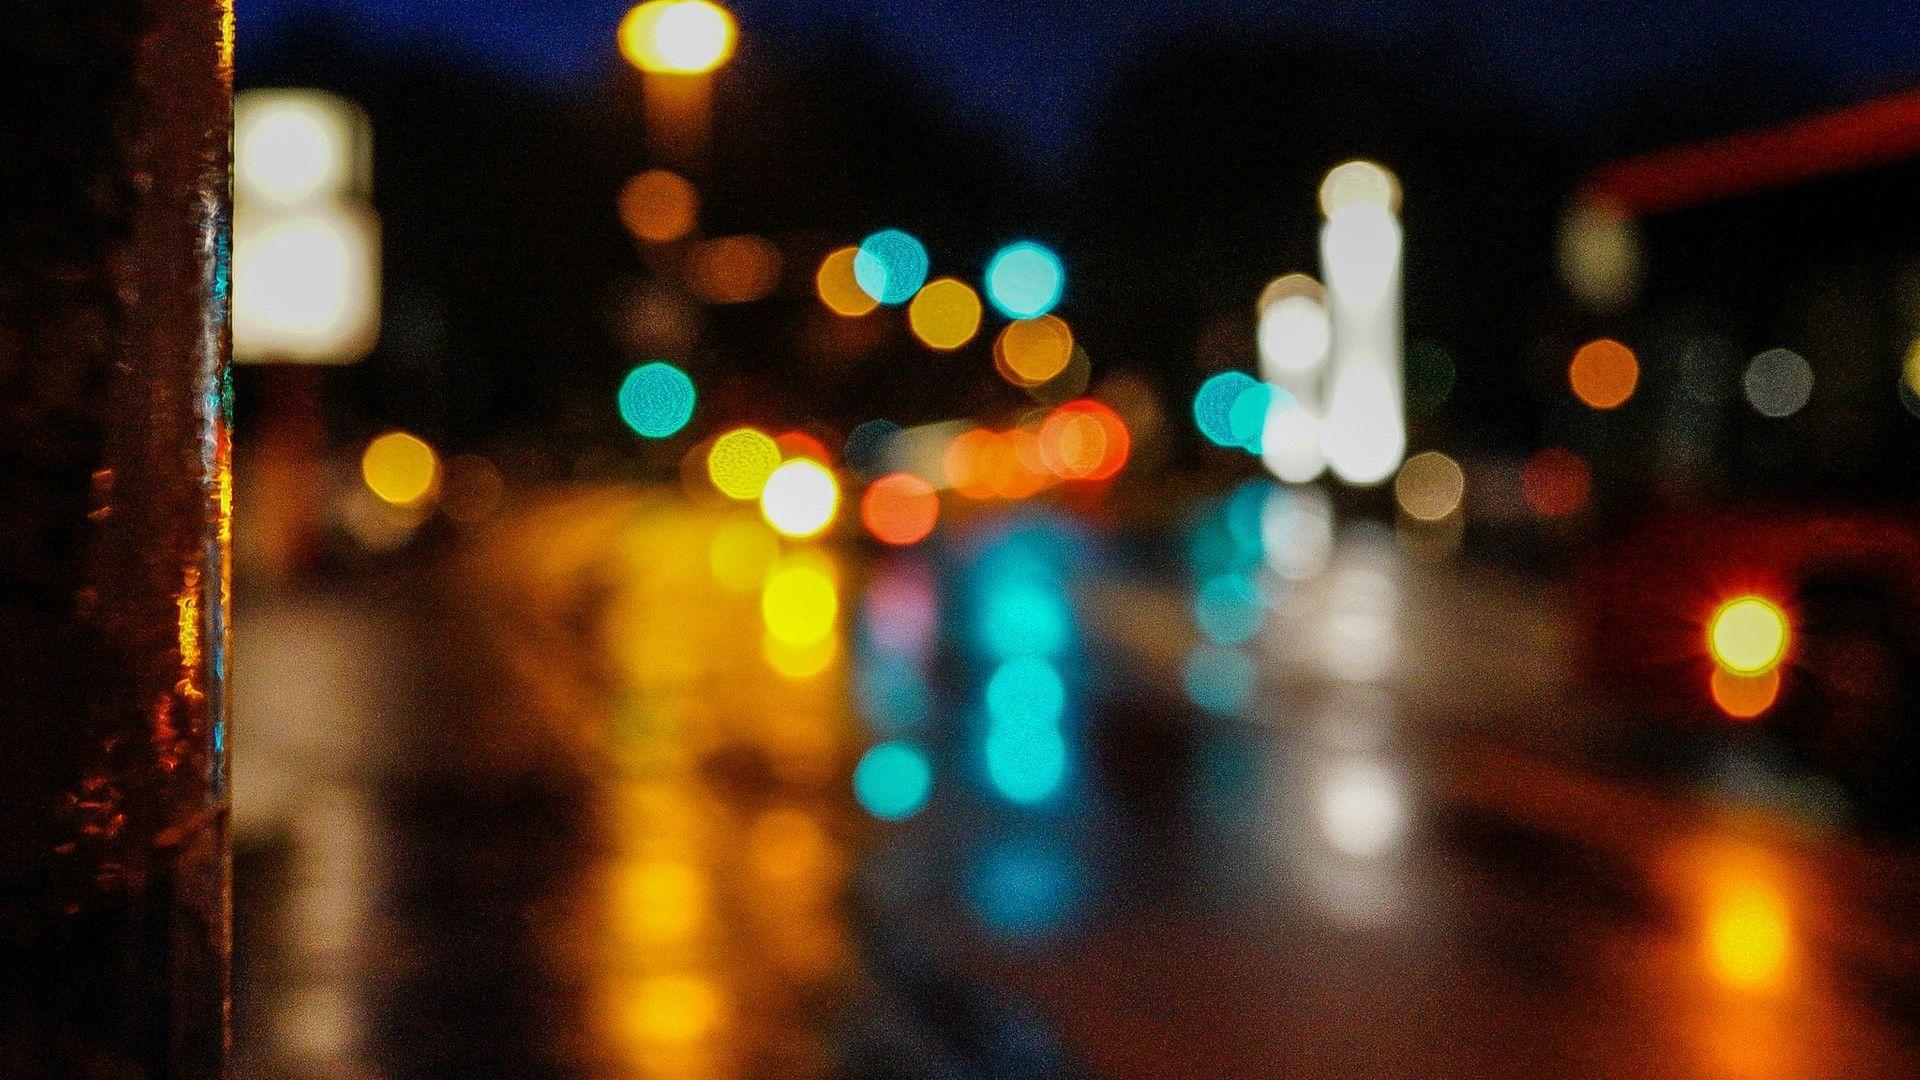 Street Light Wallpapers